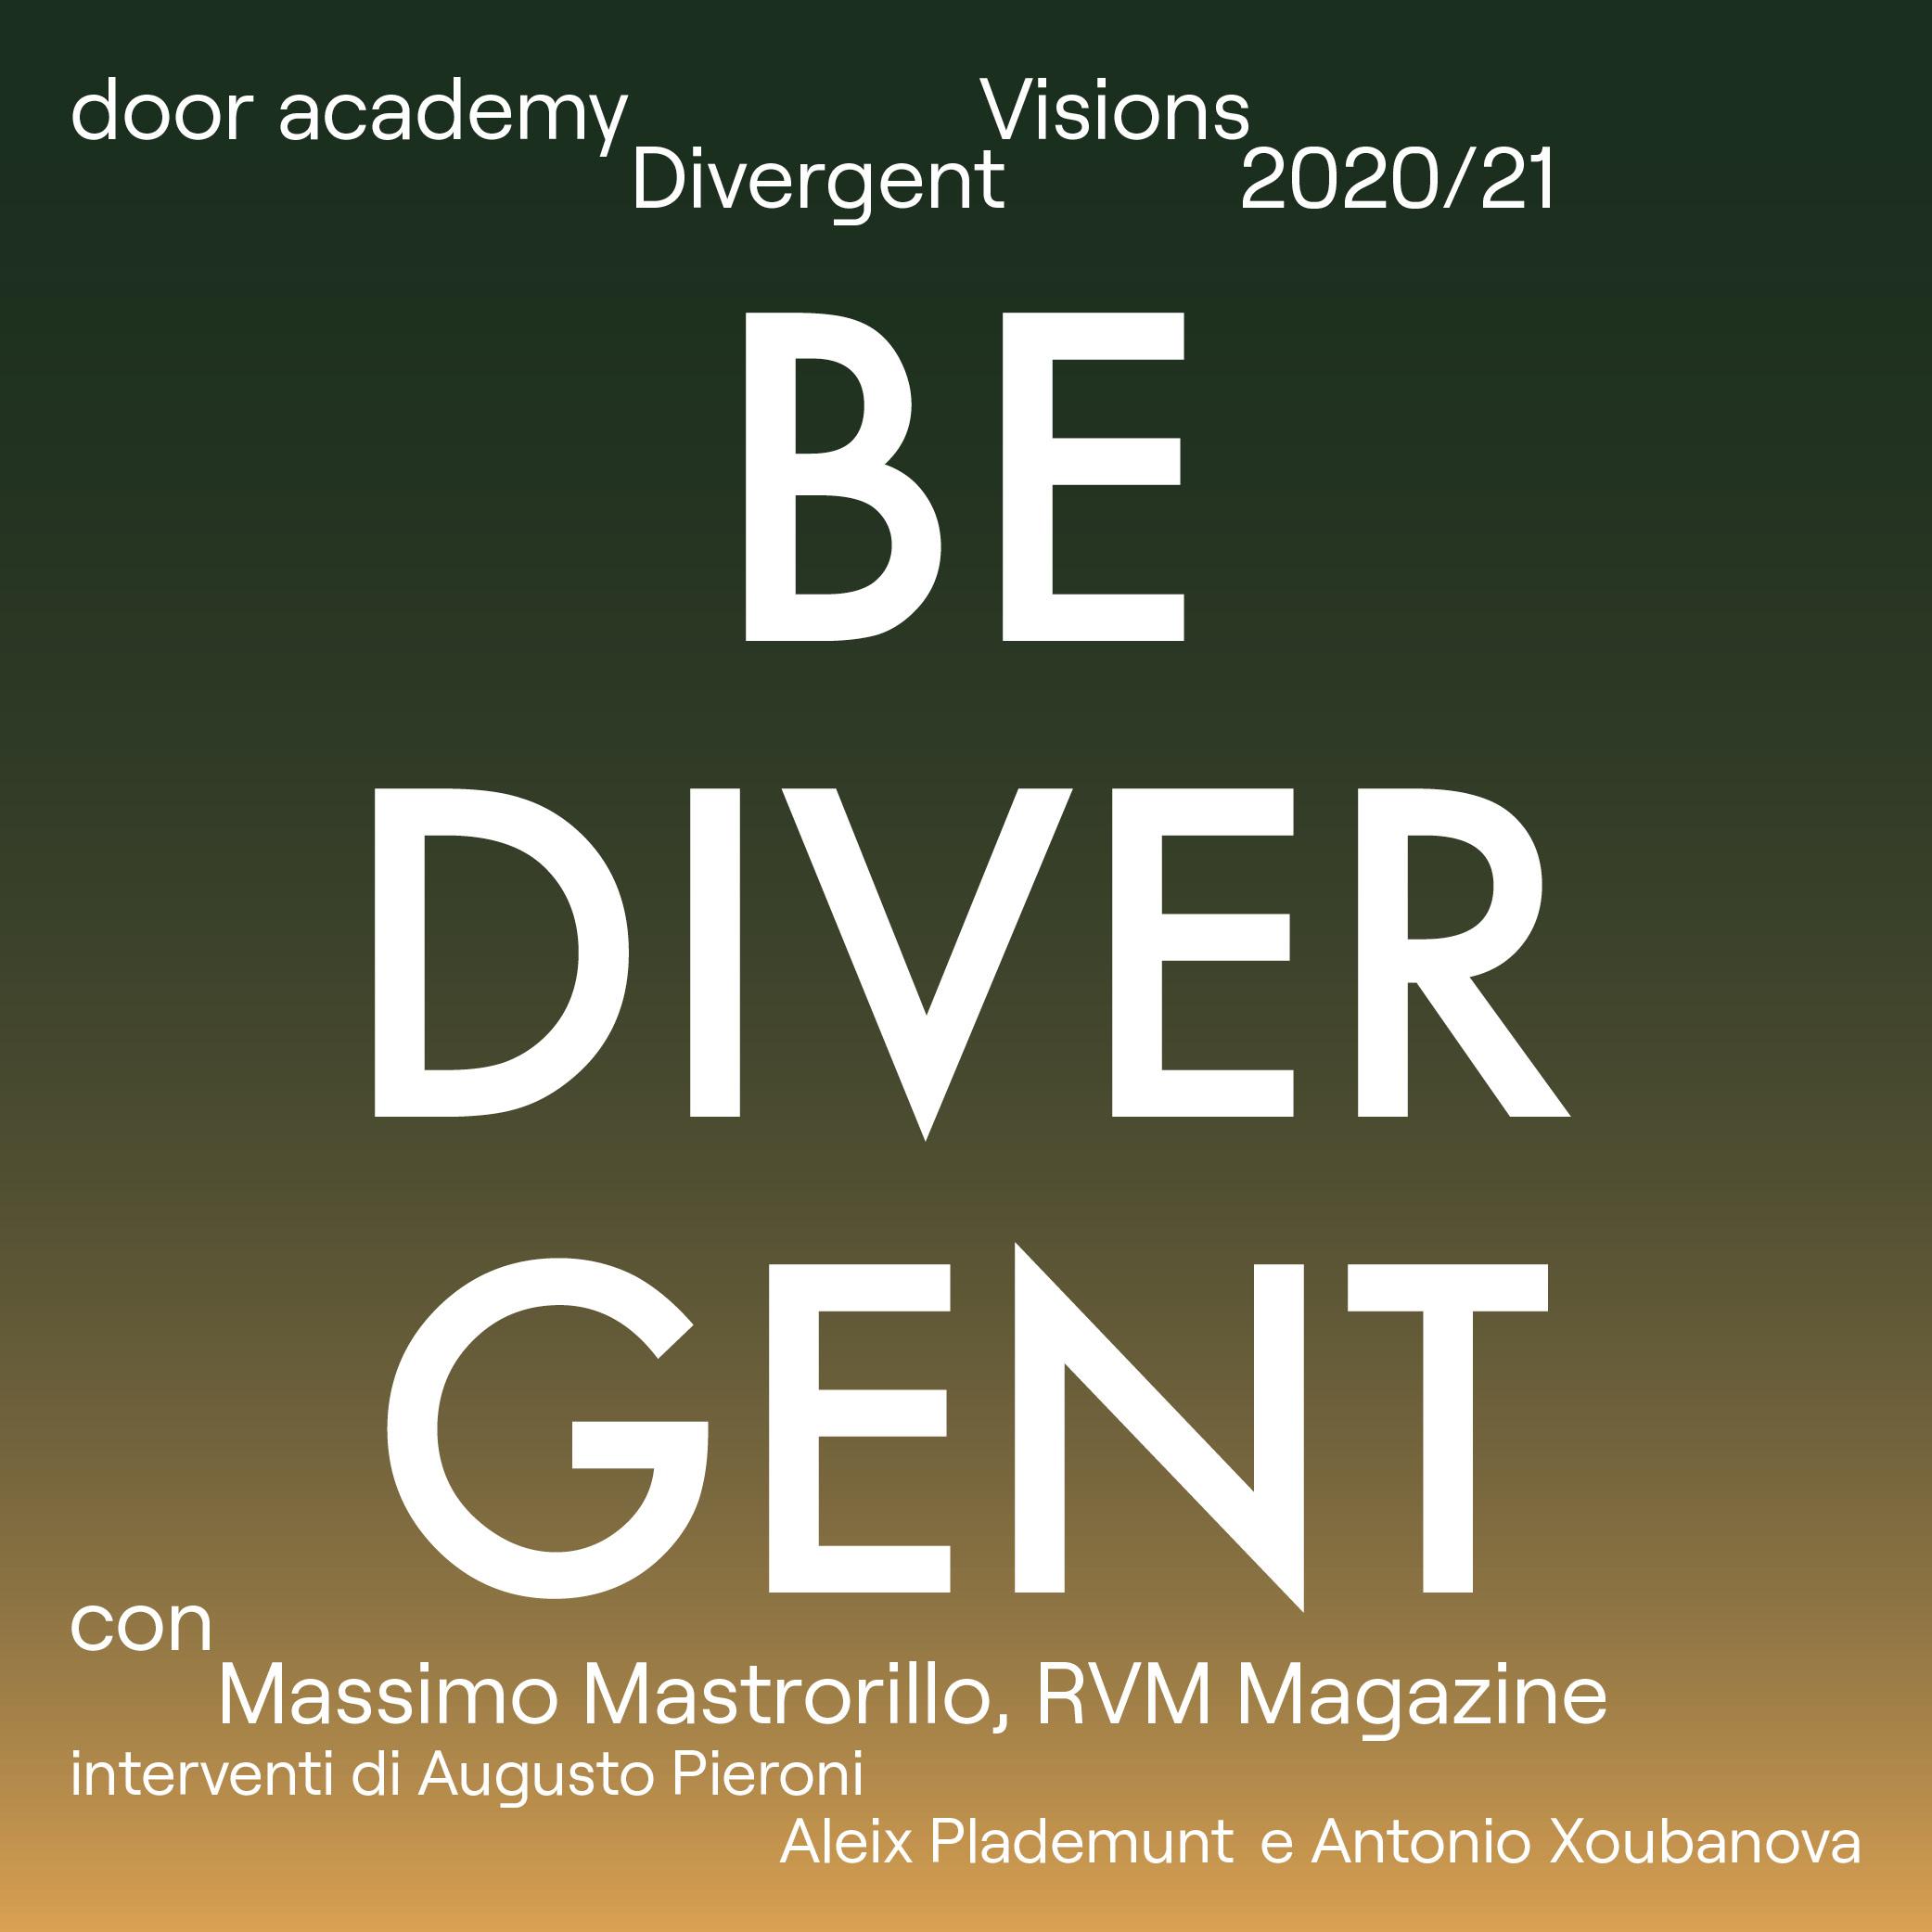 Door Academy 2020-2021/Divergent Visions